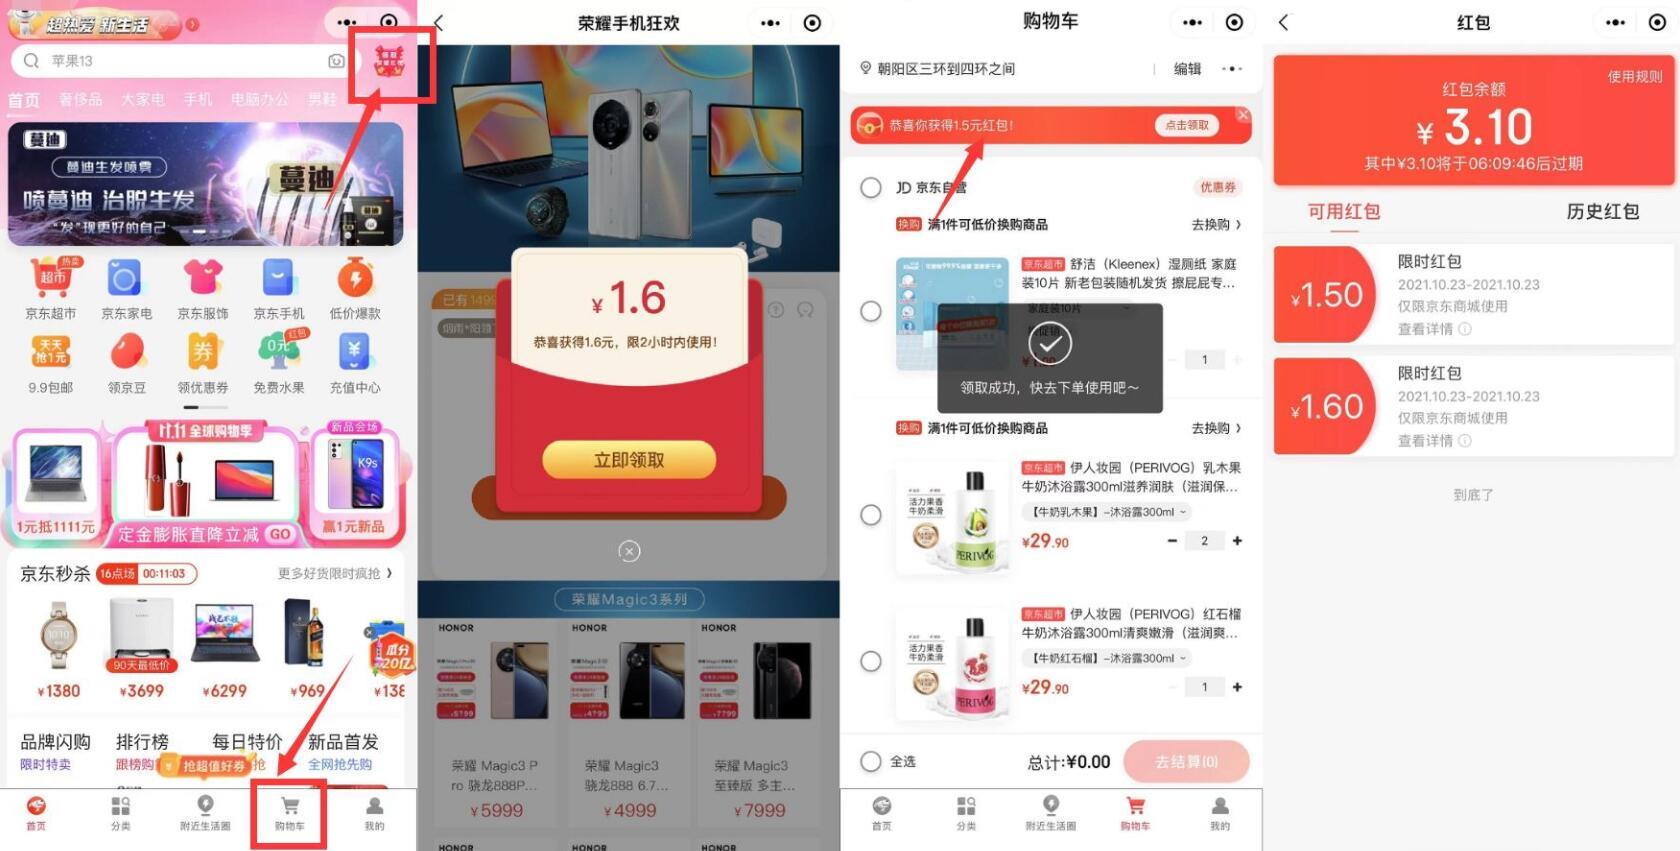 京东部分用户领3.1元购物红包